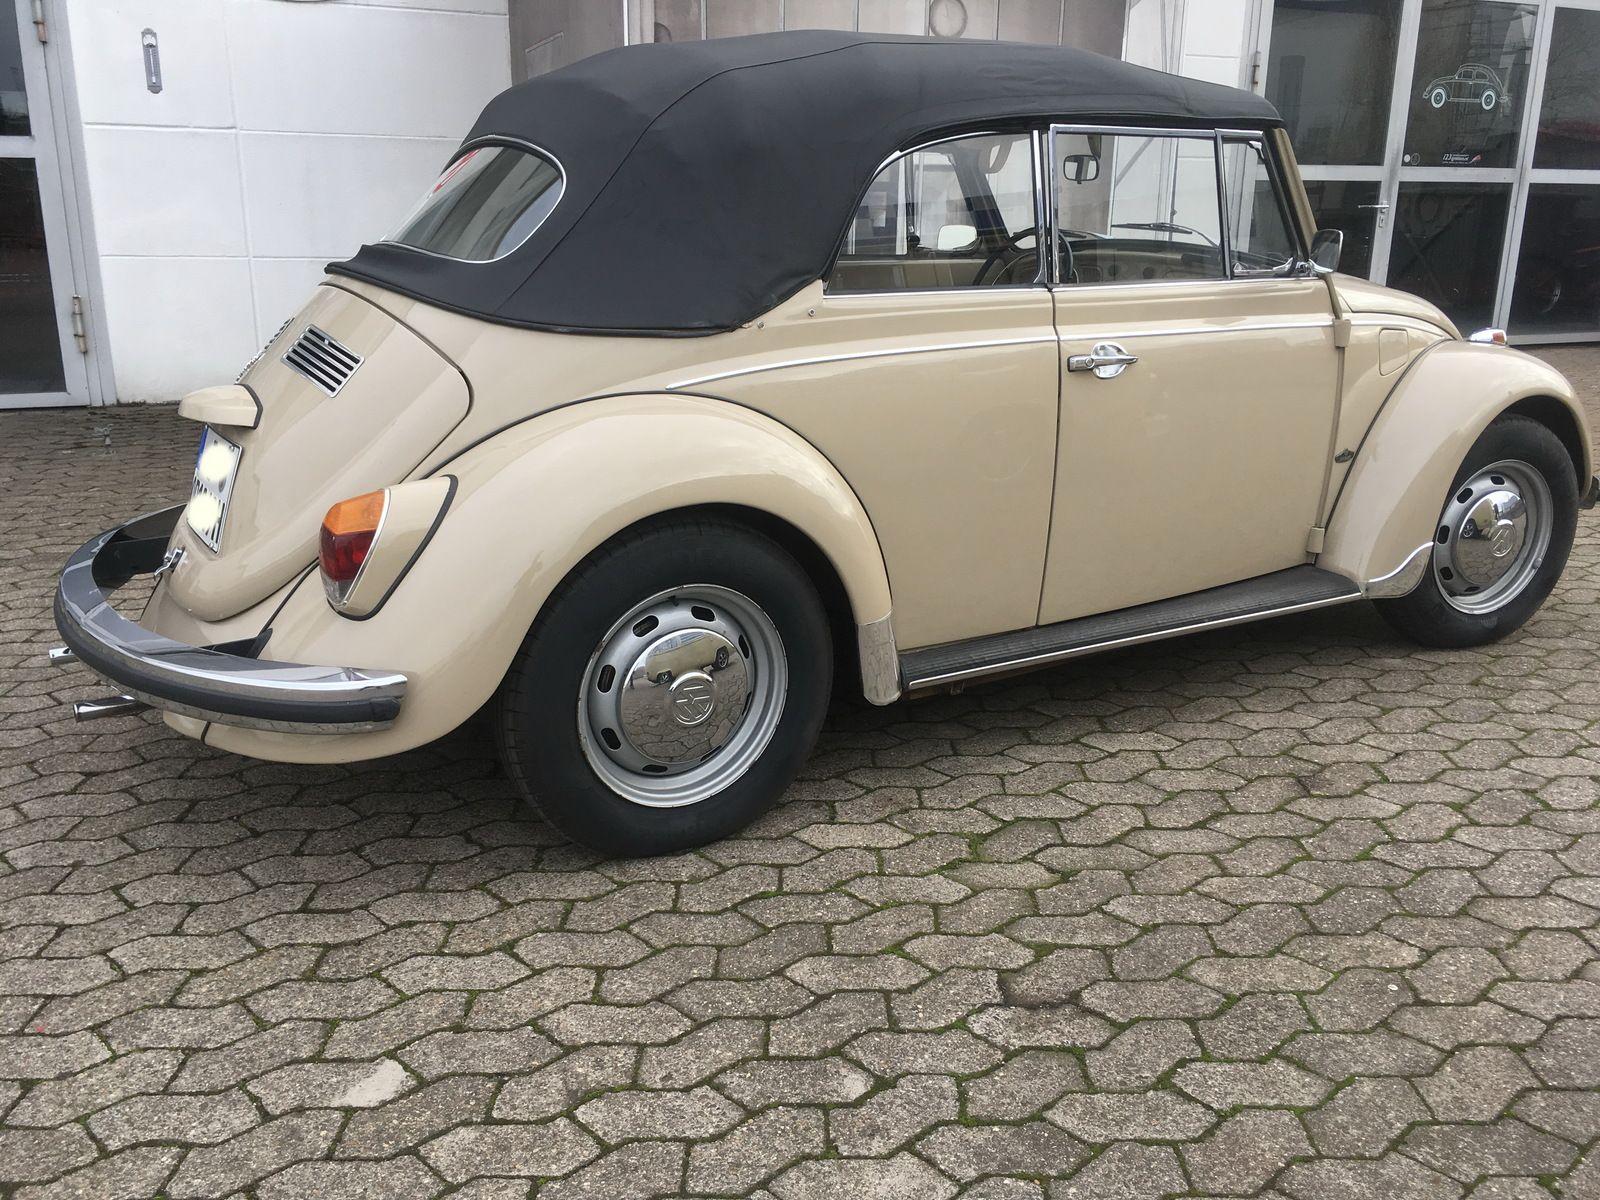 neu Abdeckhülle Persenning VW Käfer 1303 Cabrio schwarz